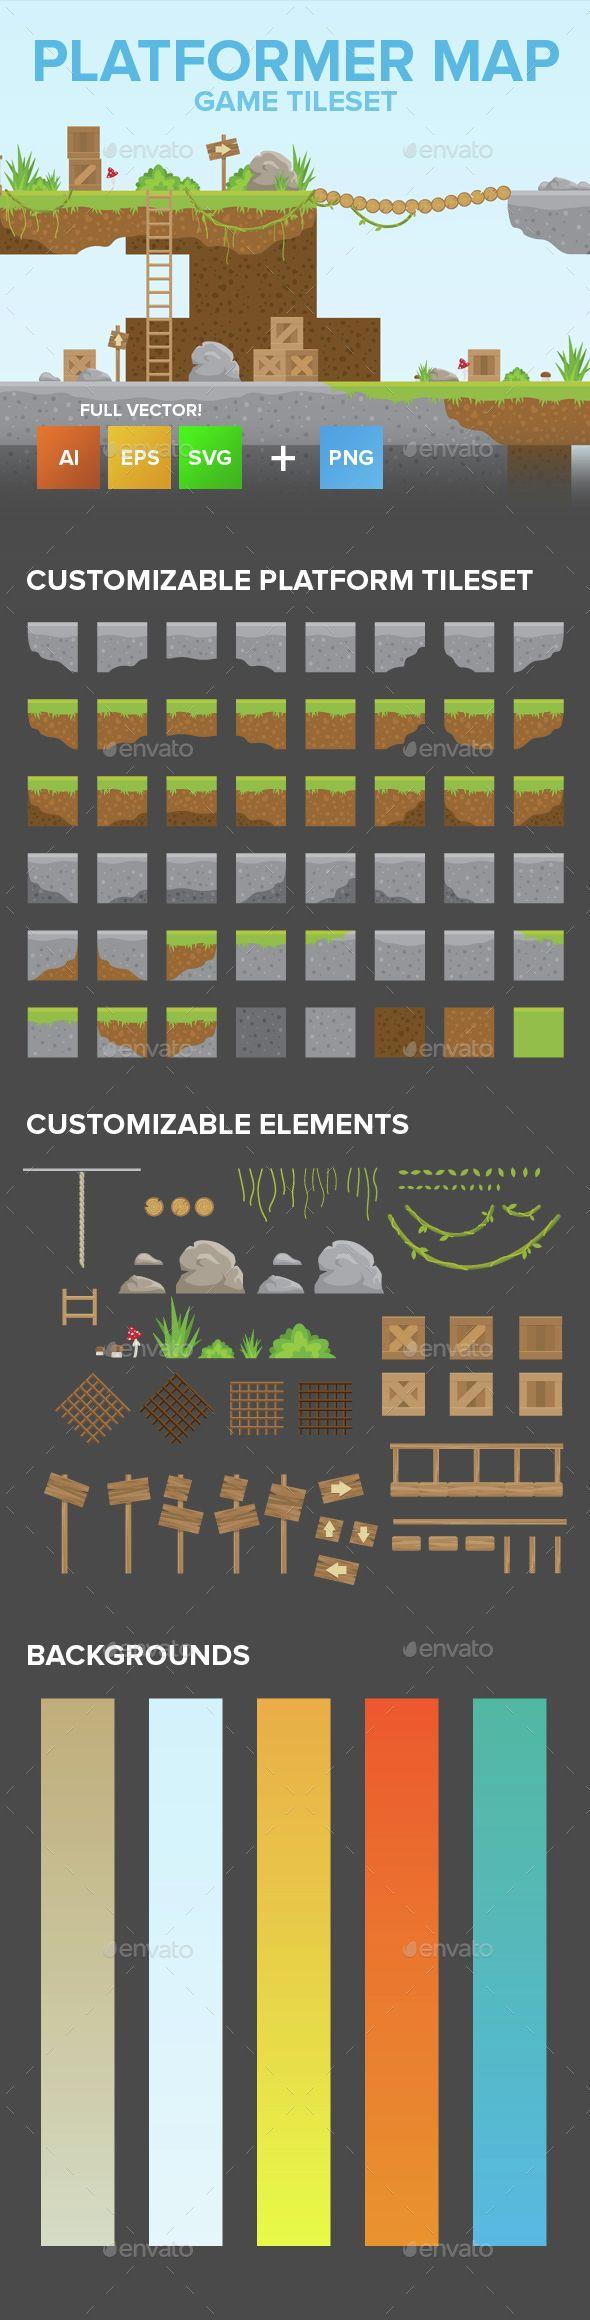 2D Game Platformer Tilesets — Vector EPS #tileable #modern • Available here → https://graphicriver.net/item/2d-game-platformer-tilesets/15147637?ref=pxcr